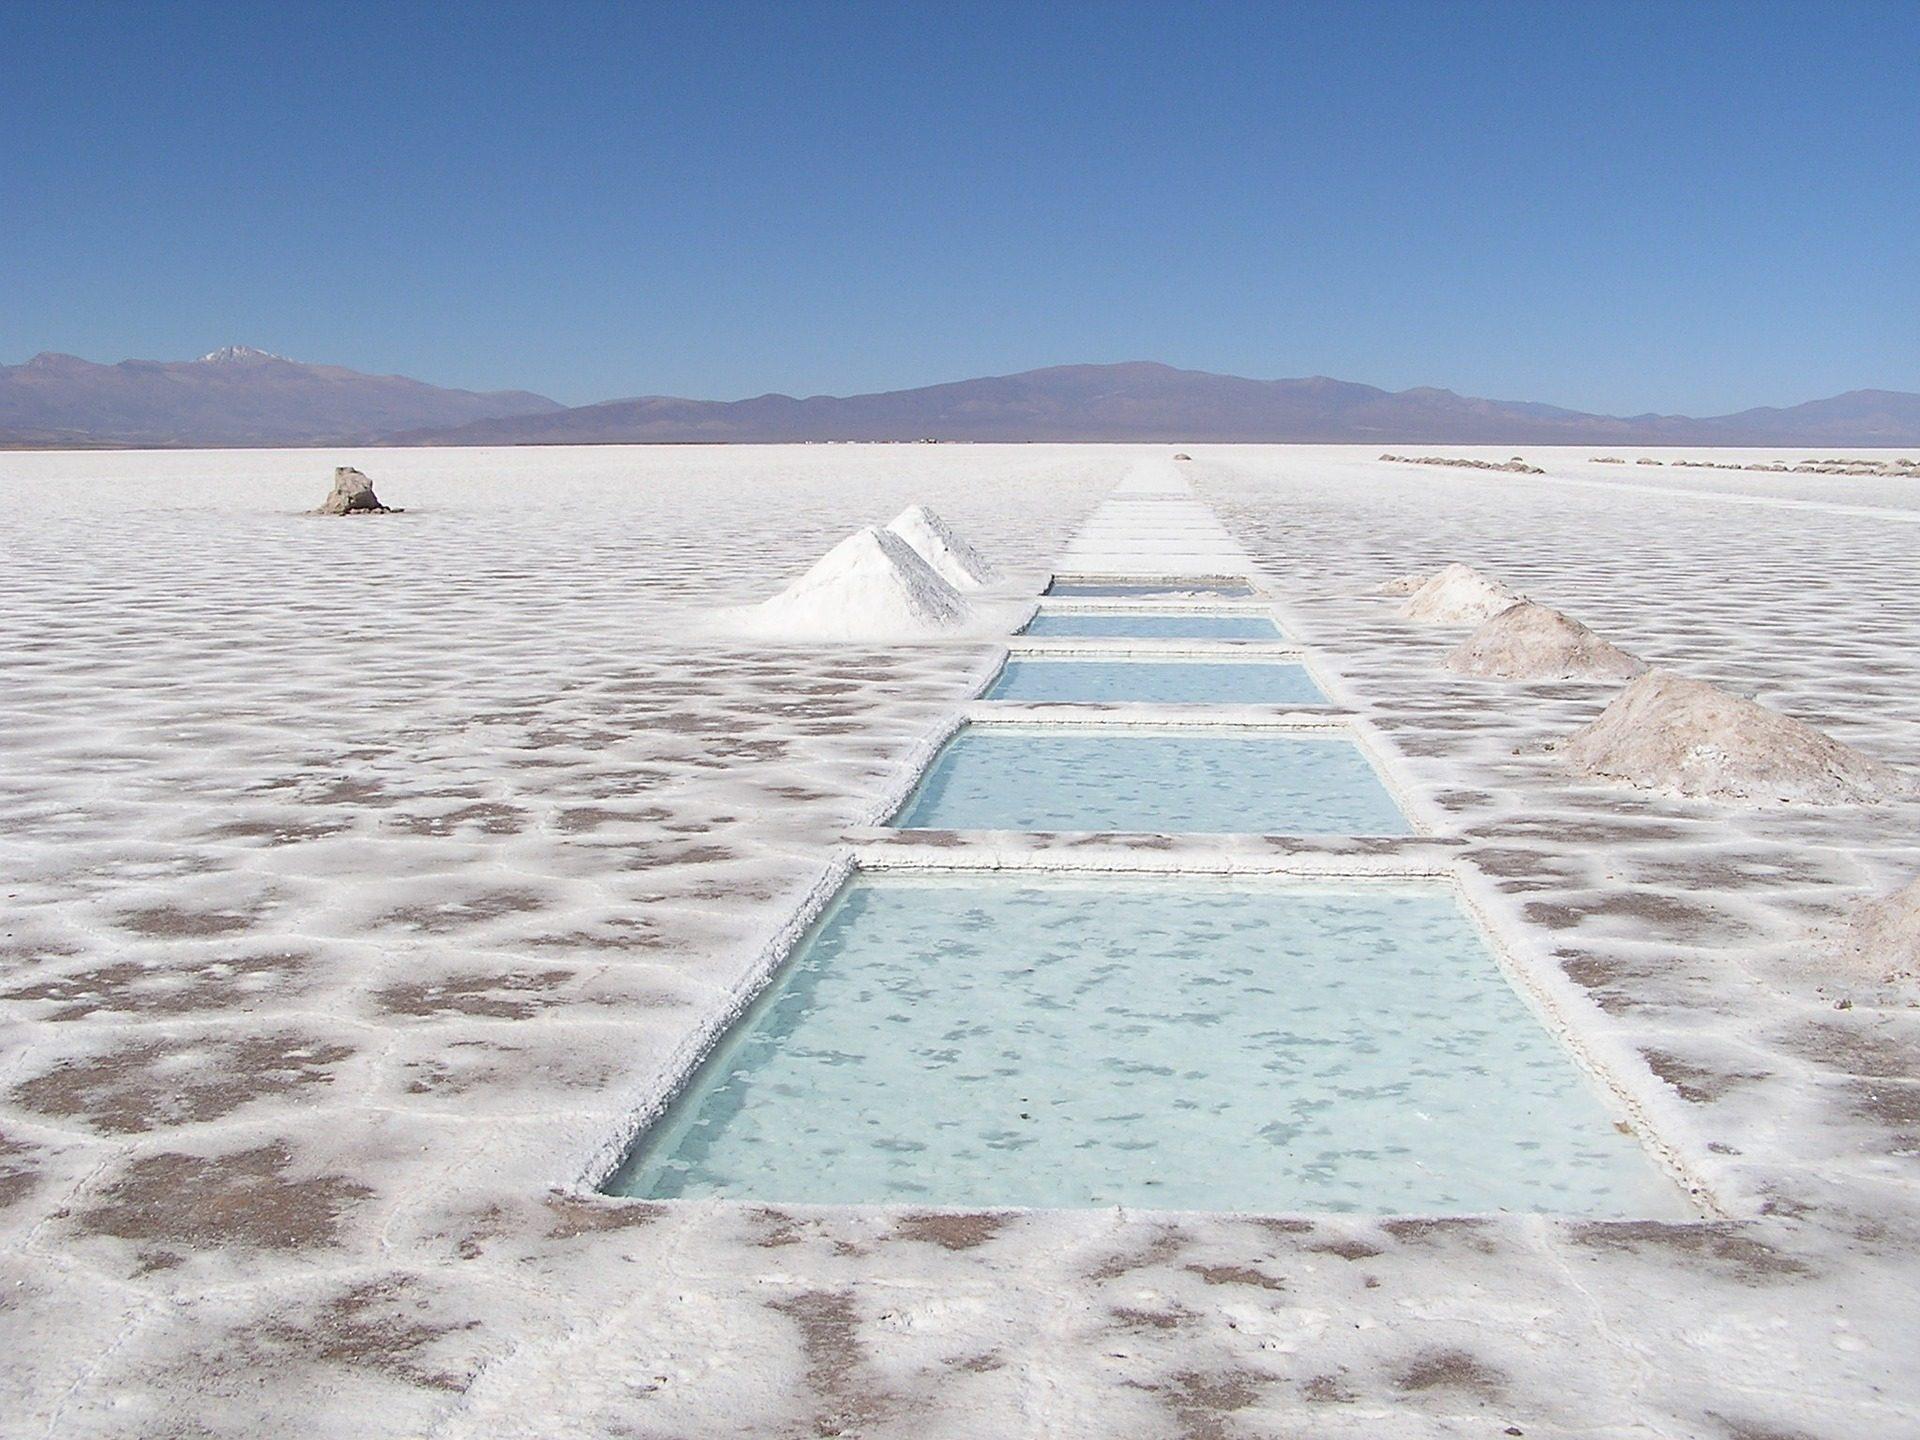 صحراء, عادي, سالينا, بحيرة, الملح, الجبال, الأرجنتين - خلفيات عالية الدقة - أستاذ falken.com